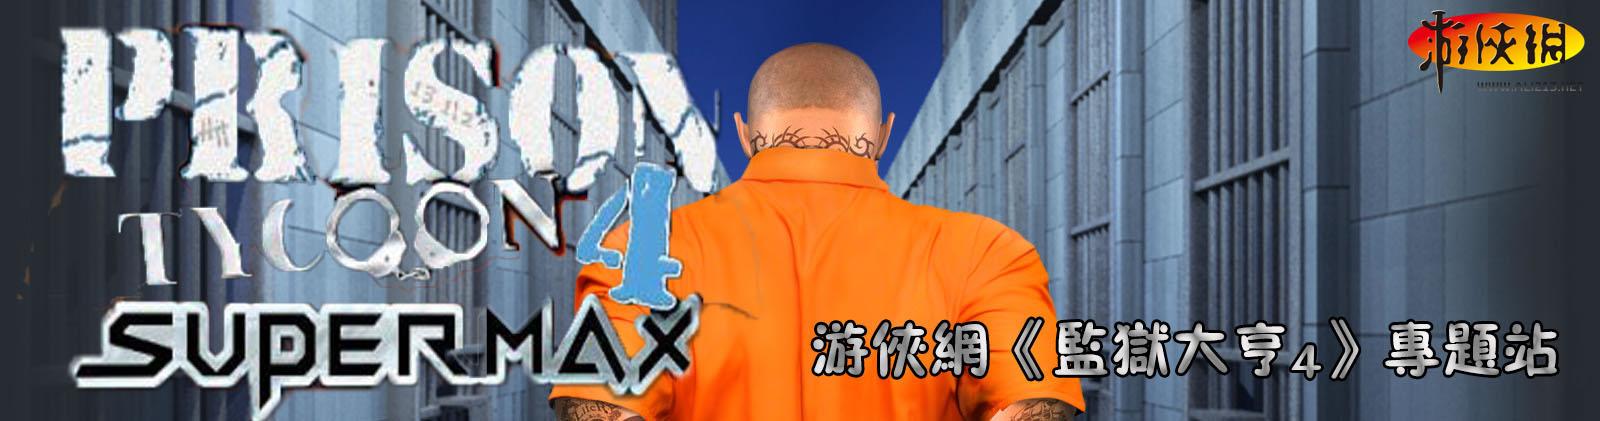 监狱大亨4